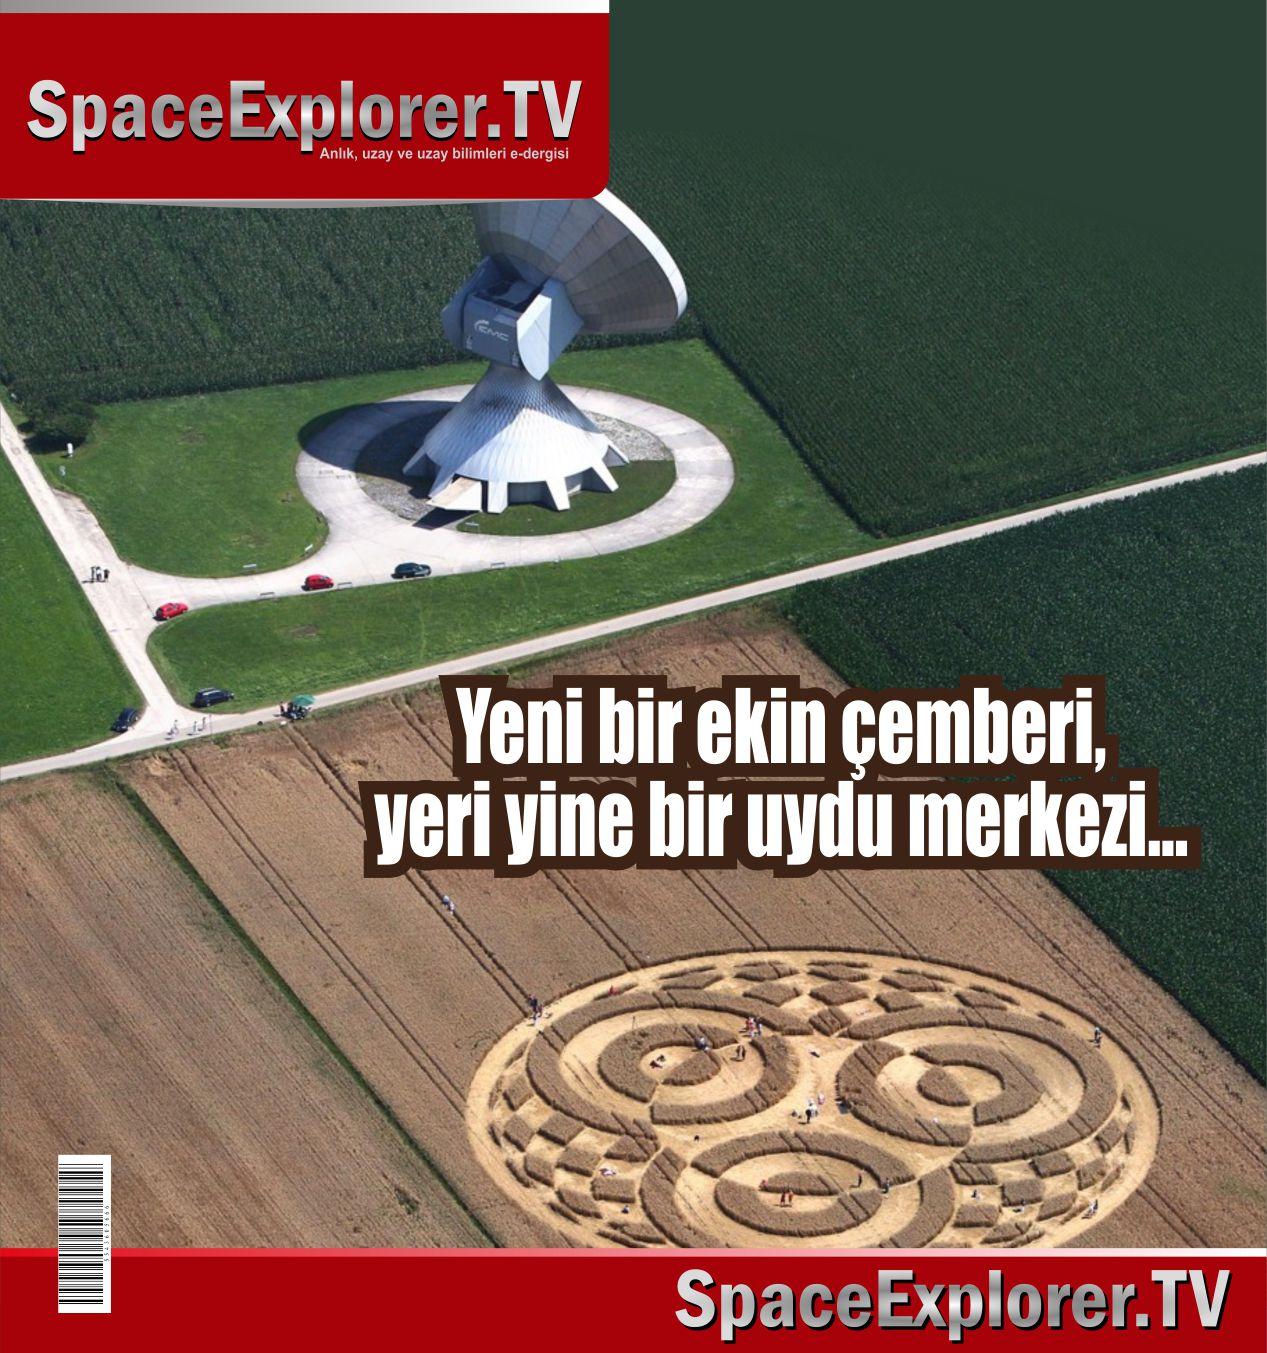 Ekin çemberleri, Gizemli mesajlar, Uzaya gönderilen mesajlar, Gizemli sinyaller, Almanya, Videolar, Carl Sagan, Teleskoplar, NASA neden gizliyor,